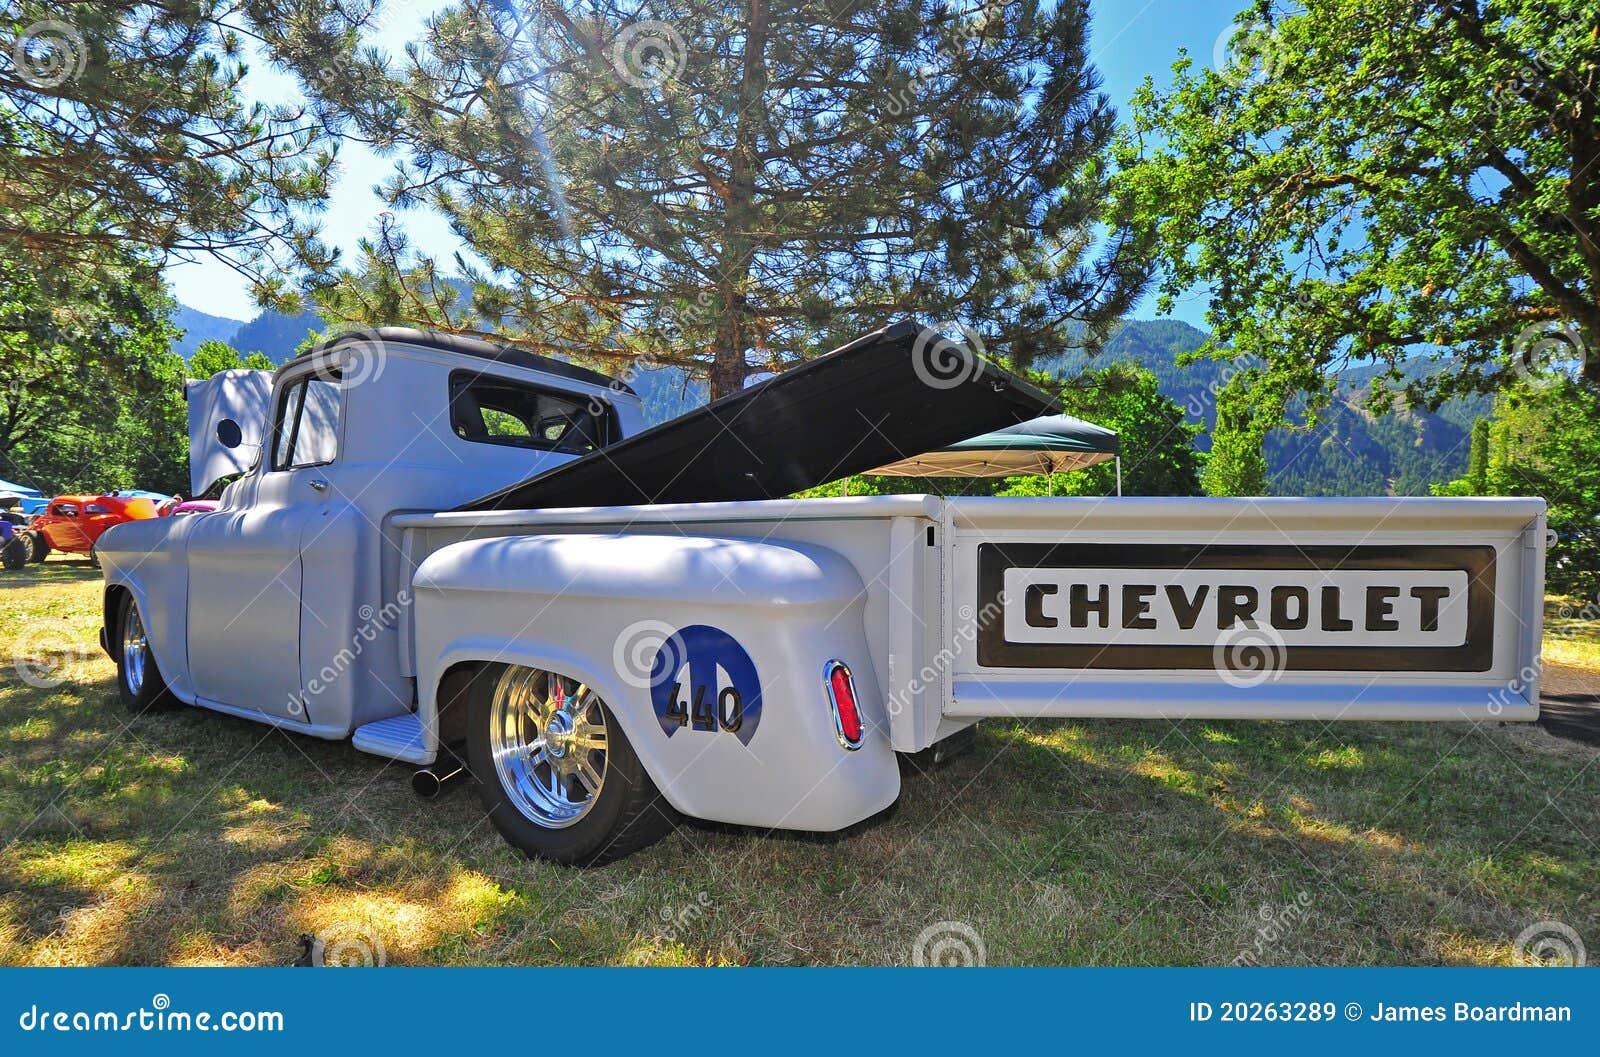 North Bonneville Car Show